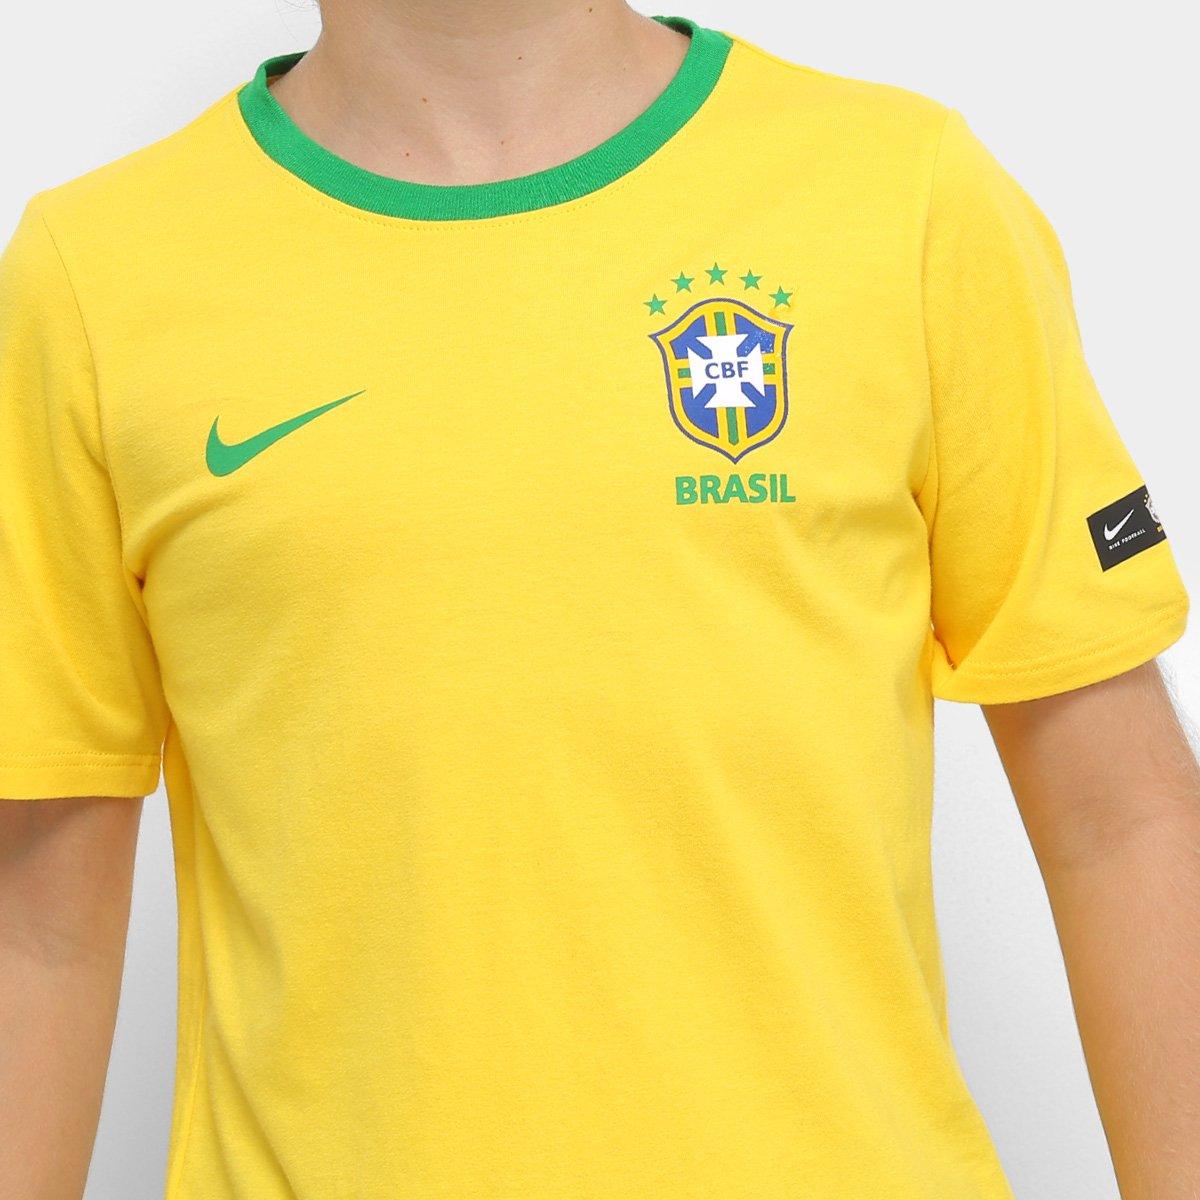 d9aae23b4c Camiseta Seleção Brasil Juvenil Nike B Crest - Compre Agora